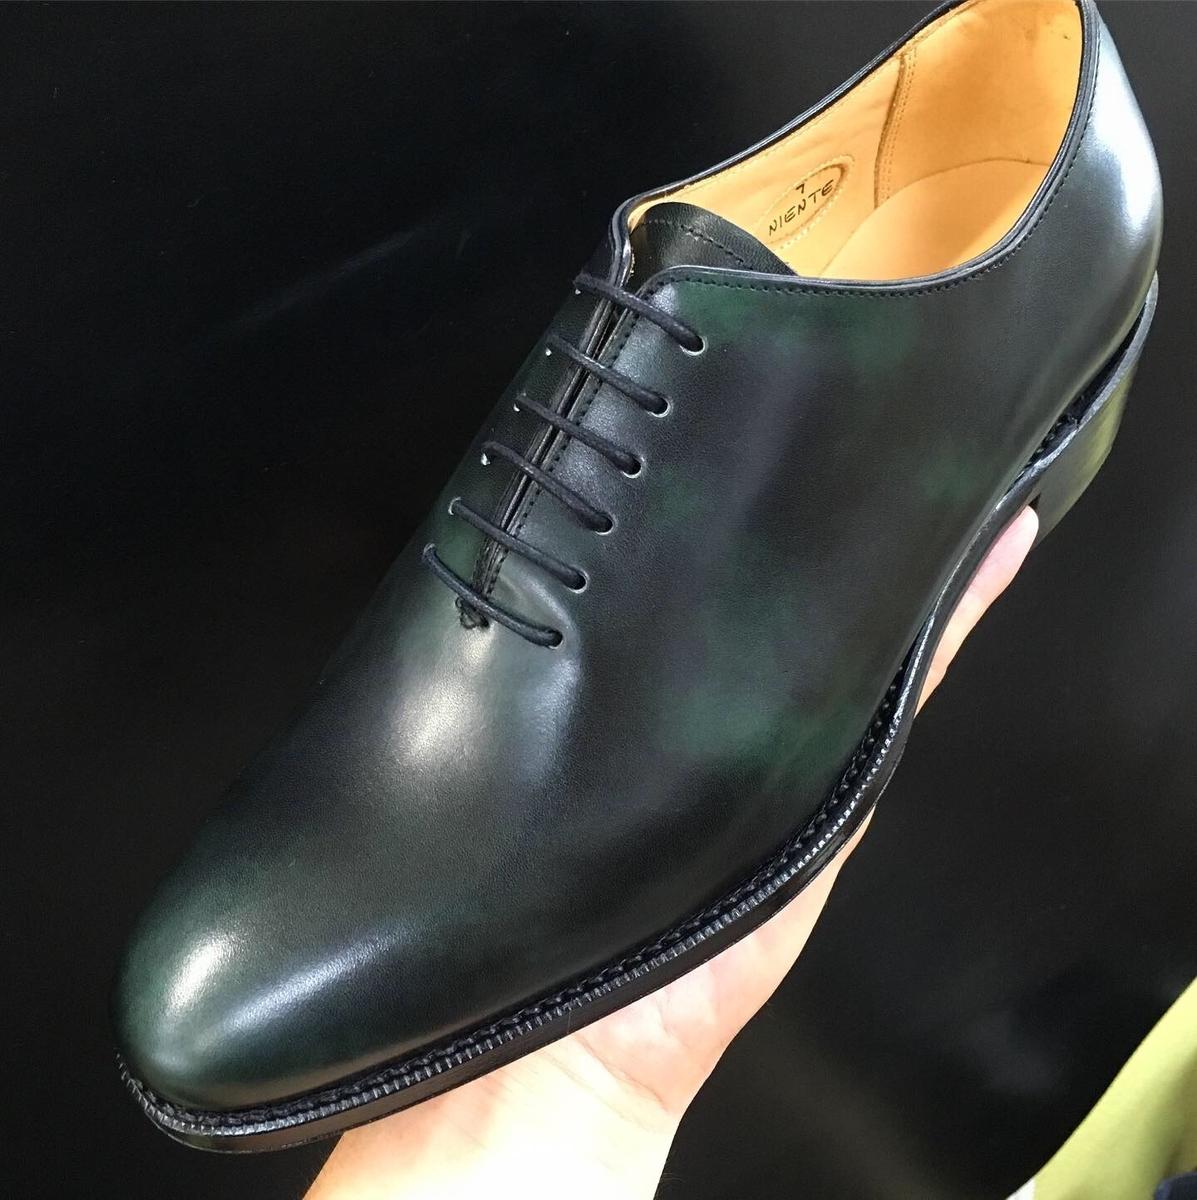 f:id:raymar-shoes:20190828215055j:plain